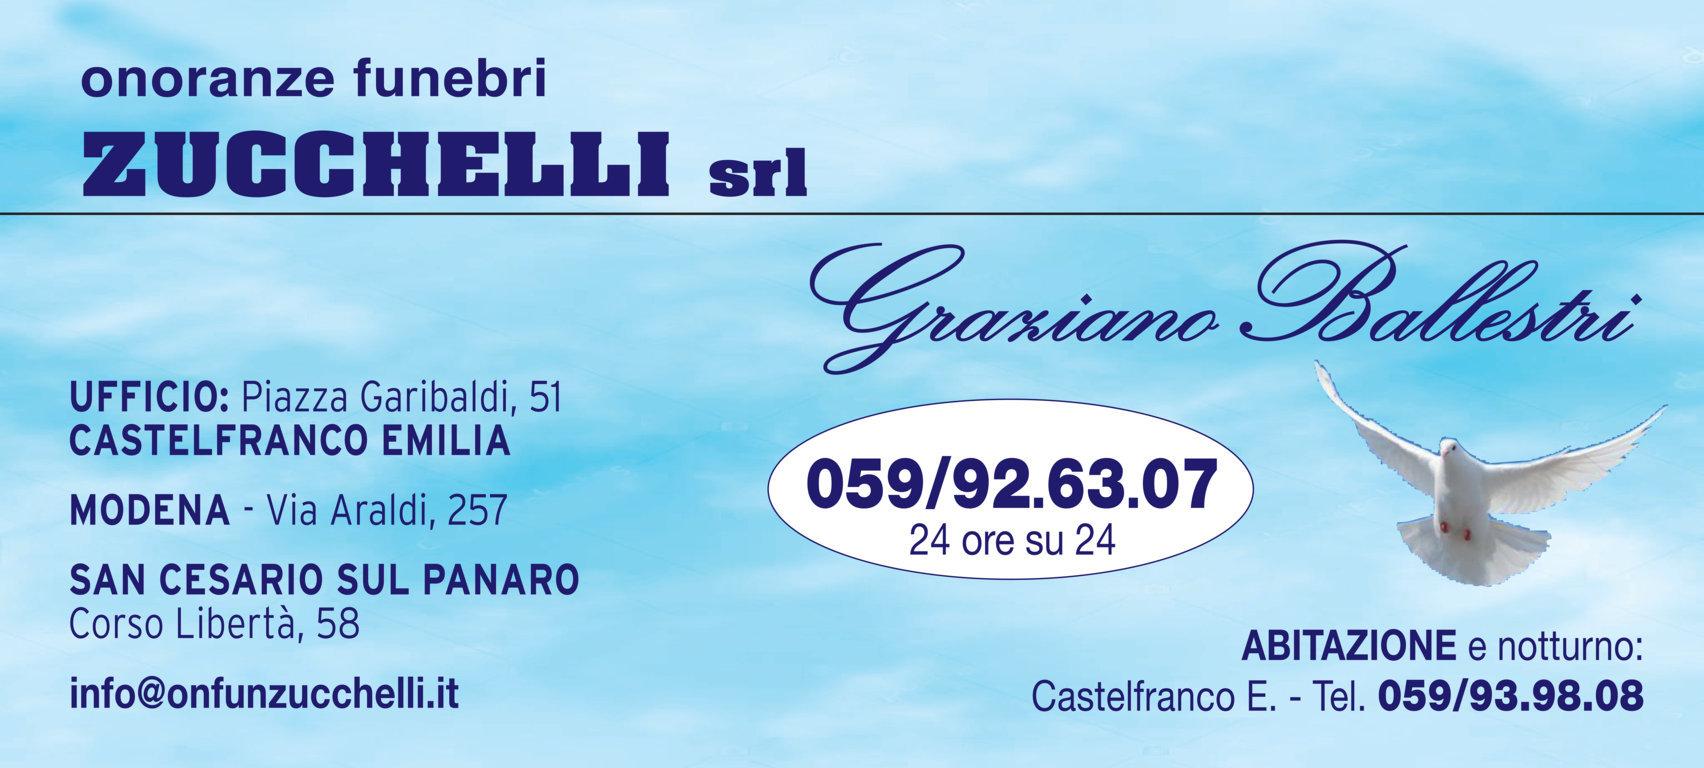 Logo Onoranze Funebri Zucchelli S.r.l.